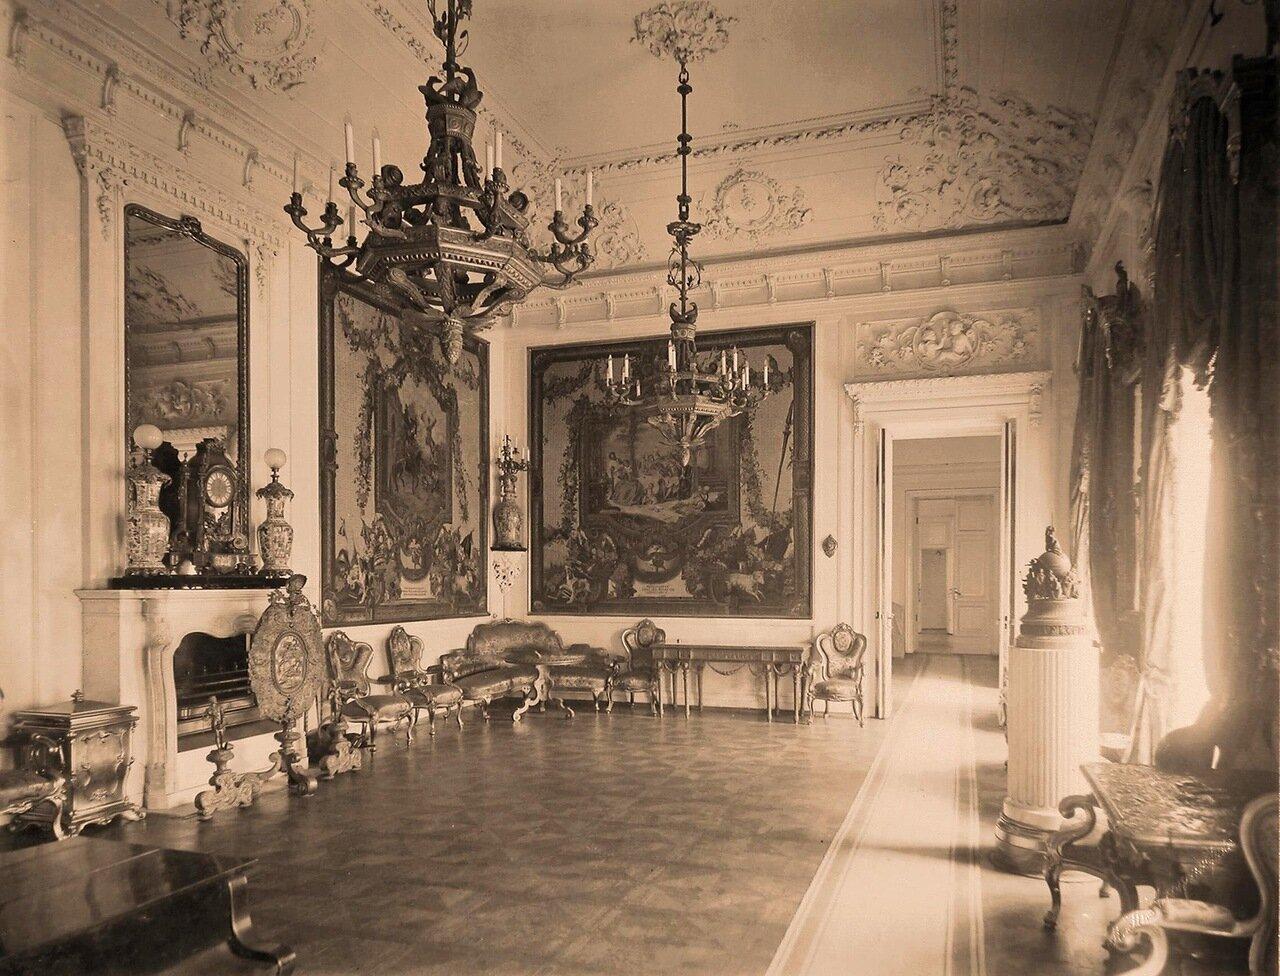 Интерьер гостиной в резиденции их высочеств в Большом Кремлёвском дворце